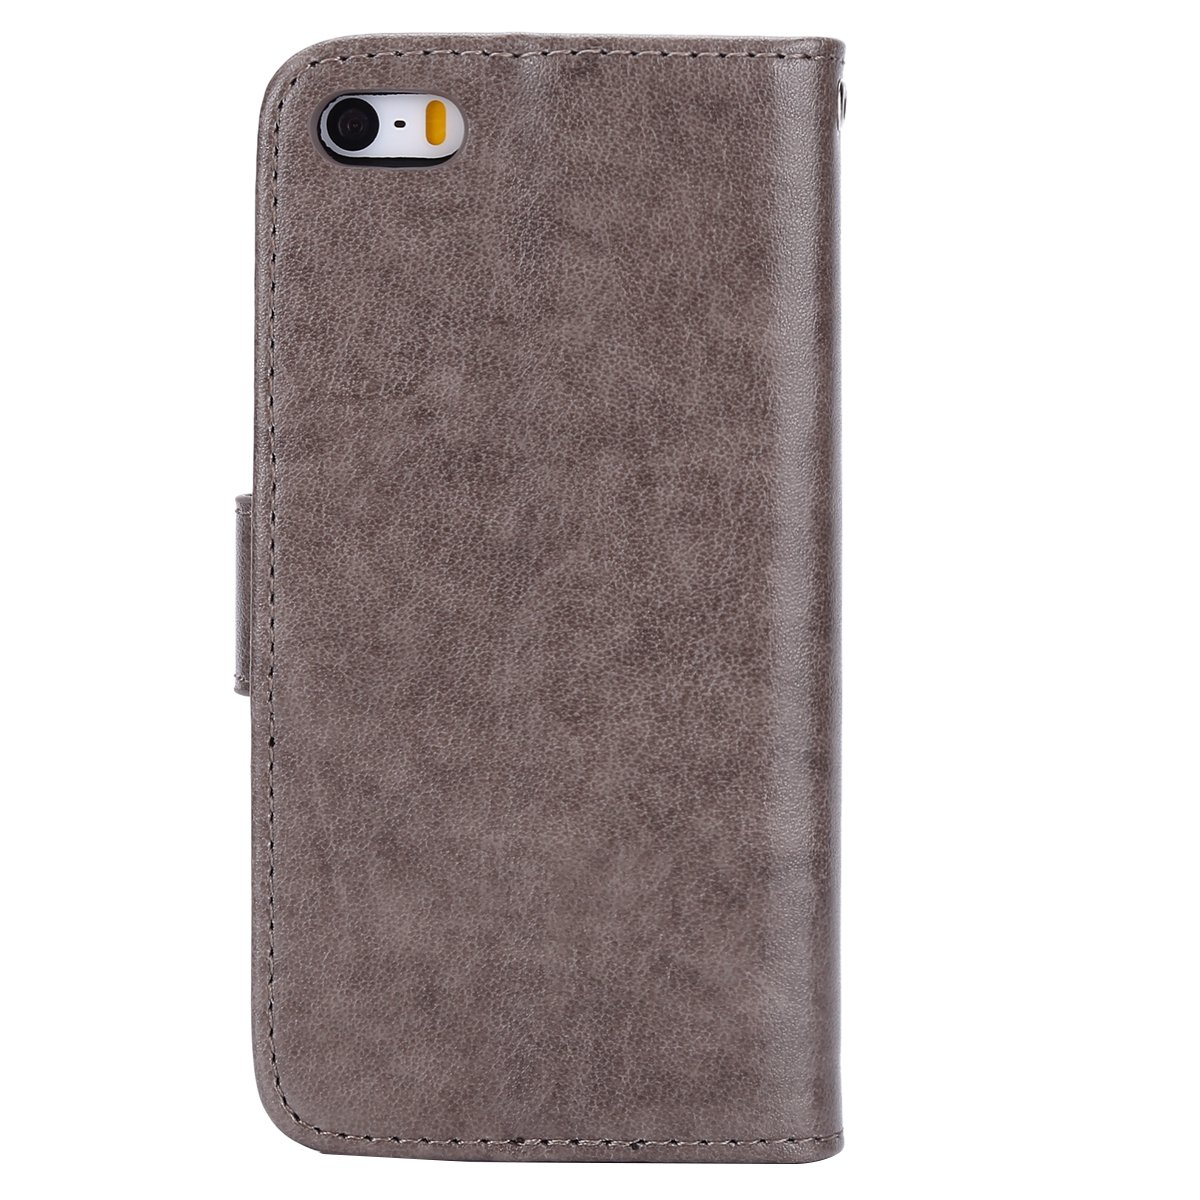 Felfy Compatible avec iPhone Se Housse,Coque iPhone 5S Pochette Portefeuille Housse en Cuir Coque /à Rabat Clapet Etui 3D Brillante Hibou Glitter Paillett/é Strass Flip Wallet Case,Vert